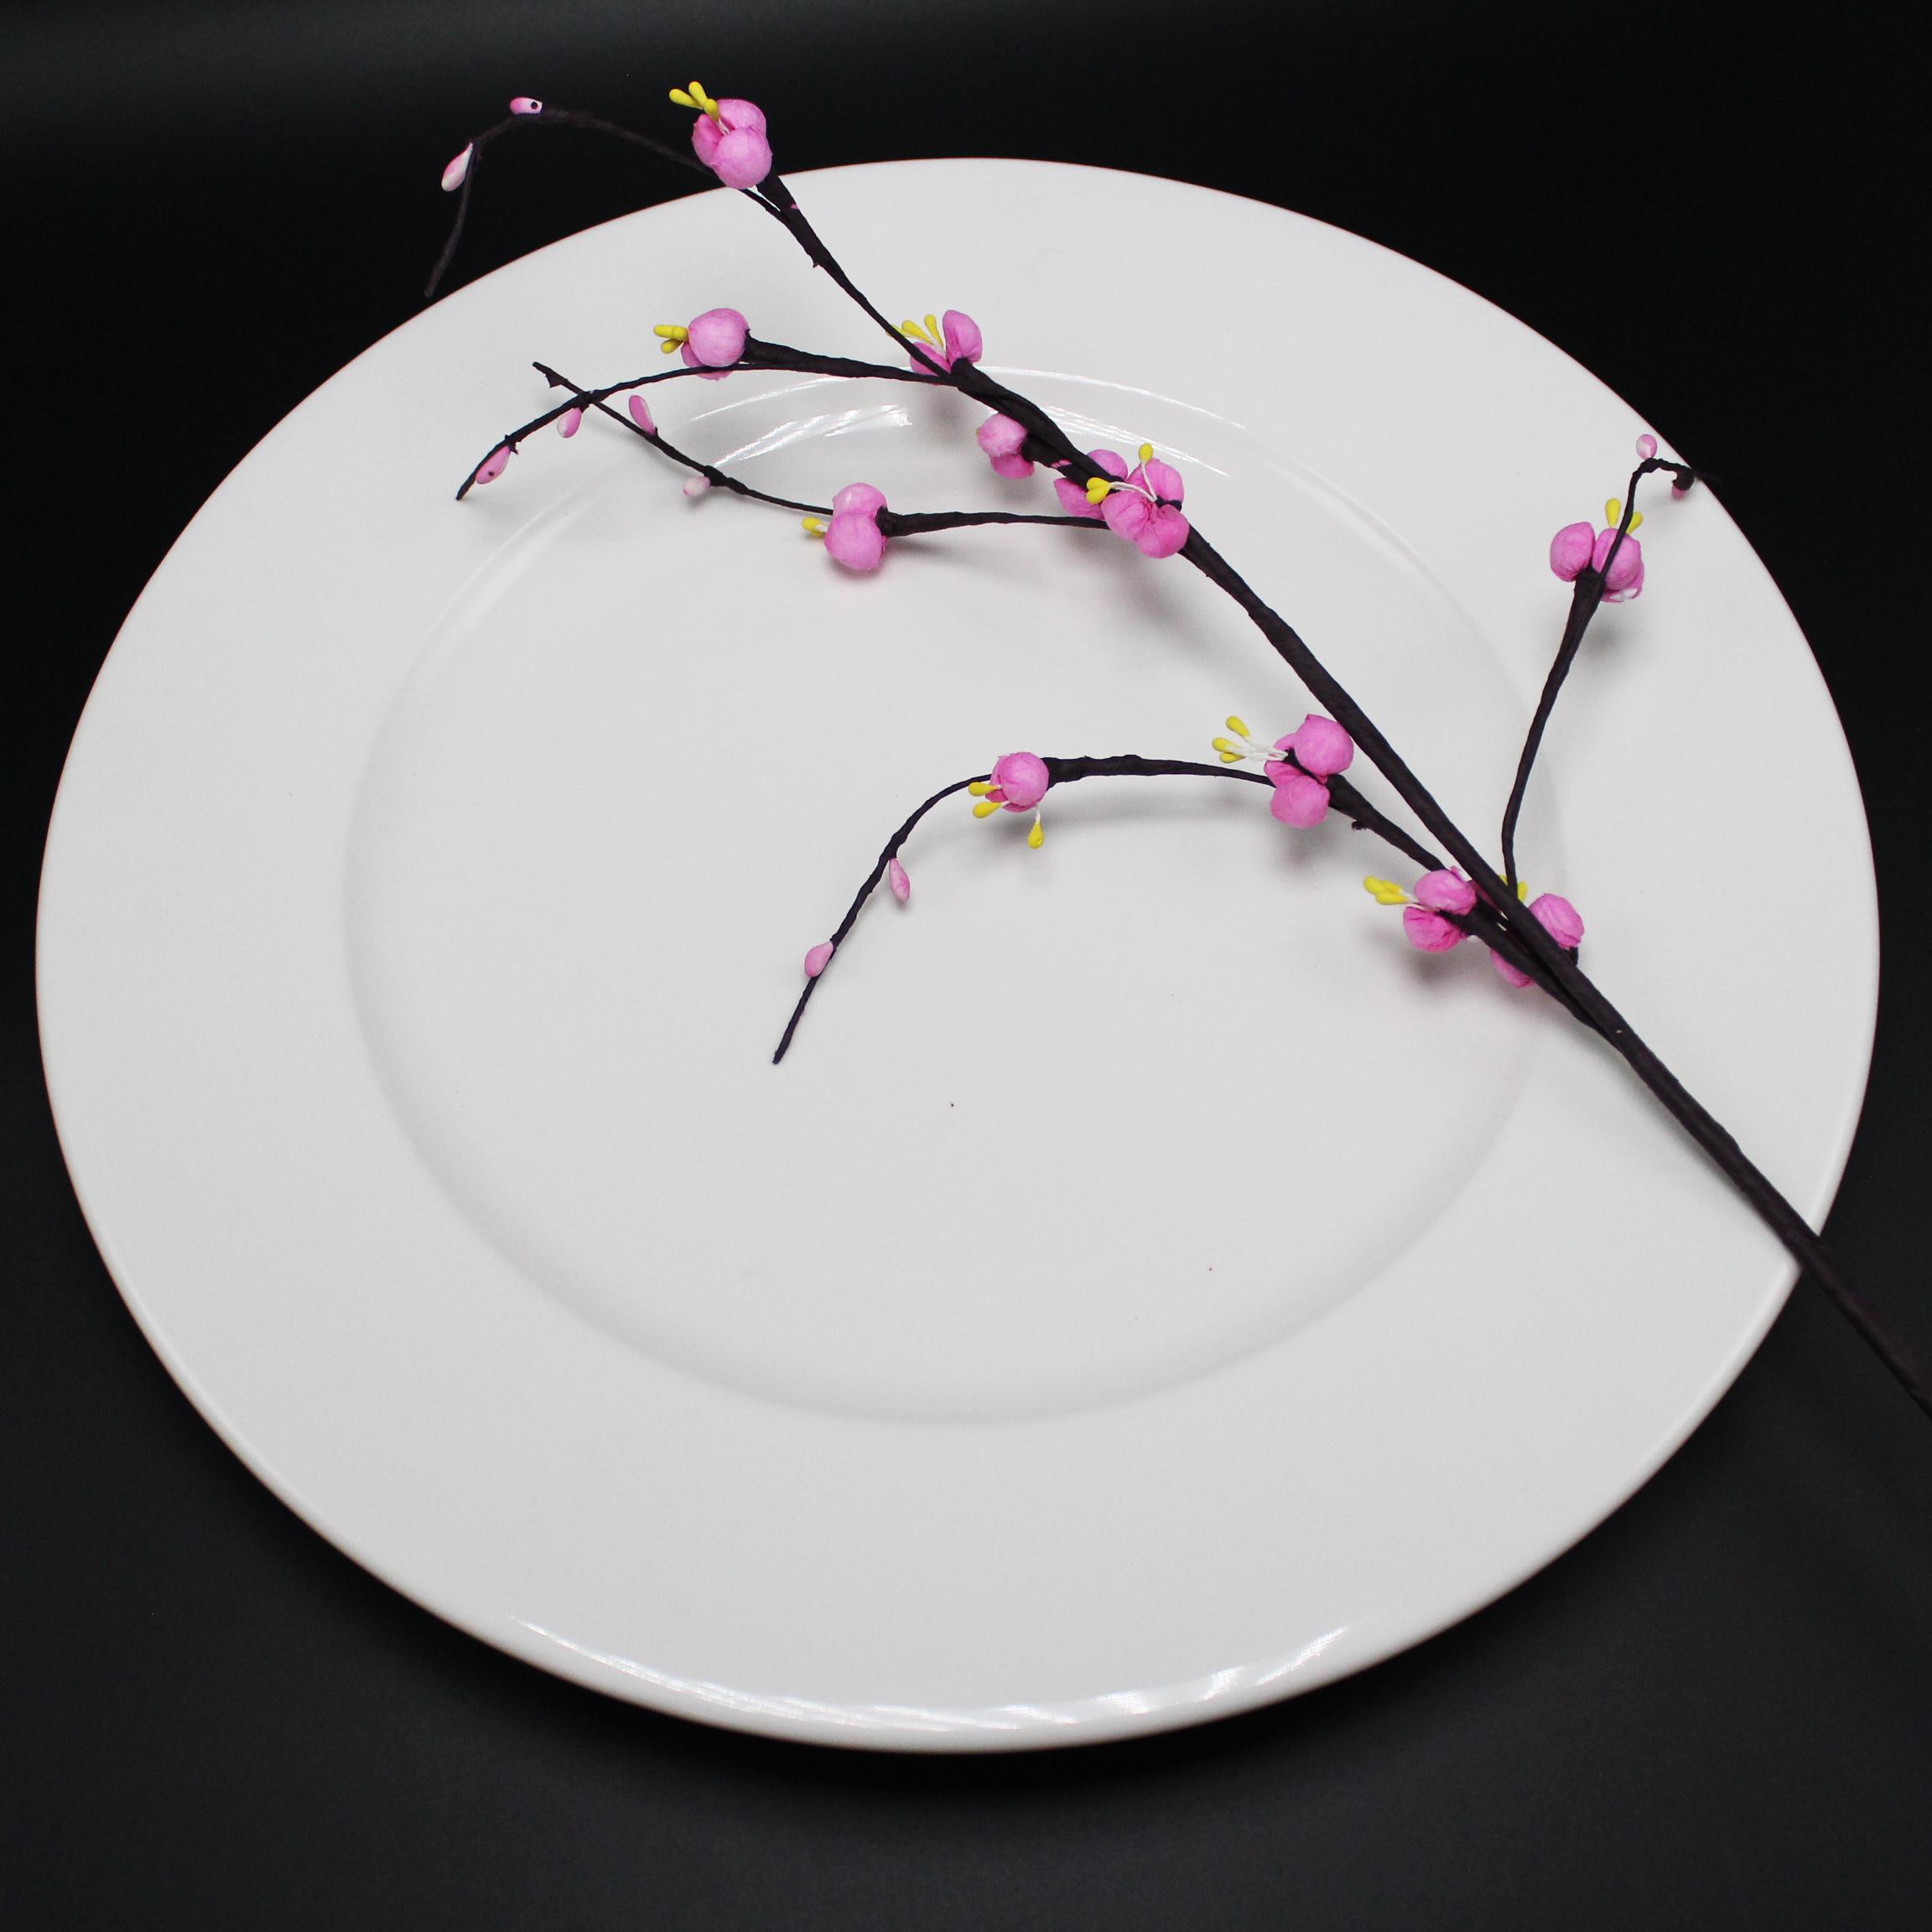 Dĩa tròn 25 cm trắng ngà - MNV - 582585000